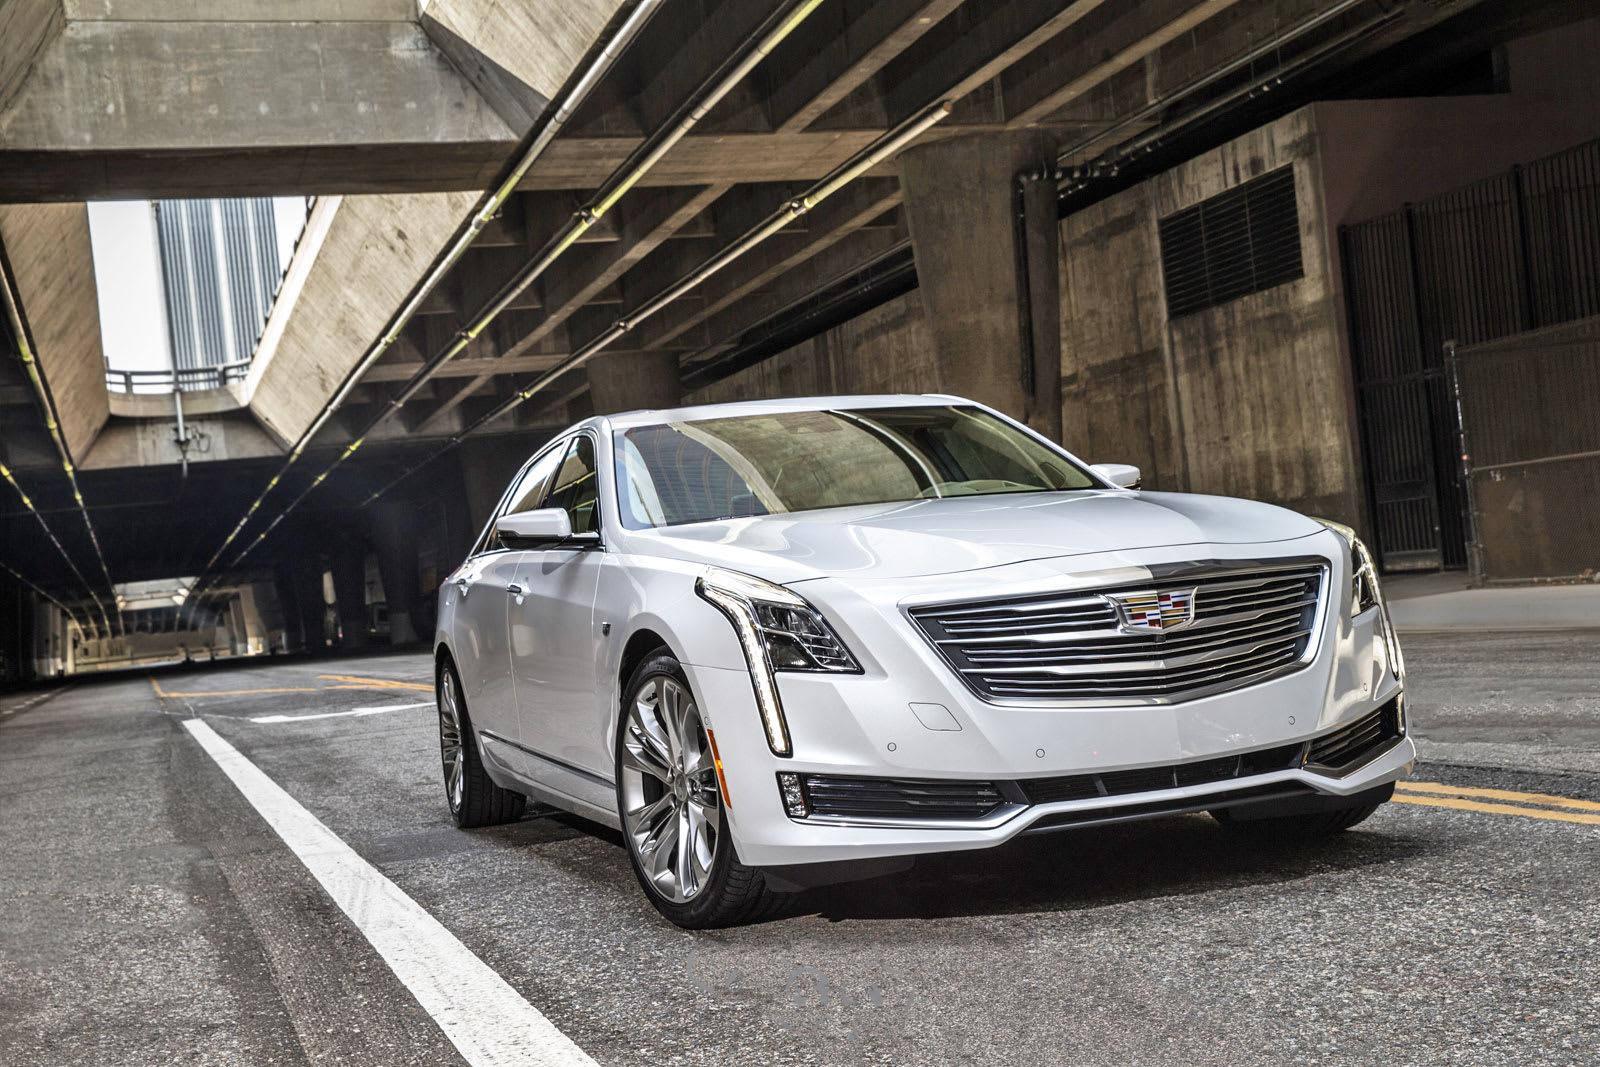 Cadillac unveils its answer to Tesla's semi-autonomous tech